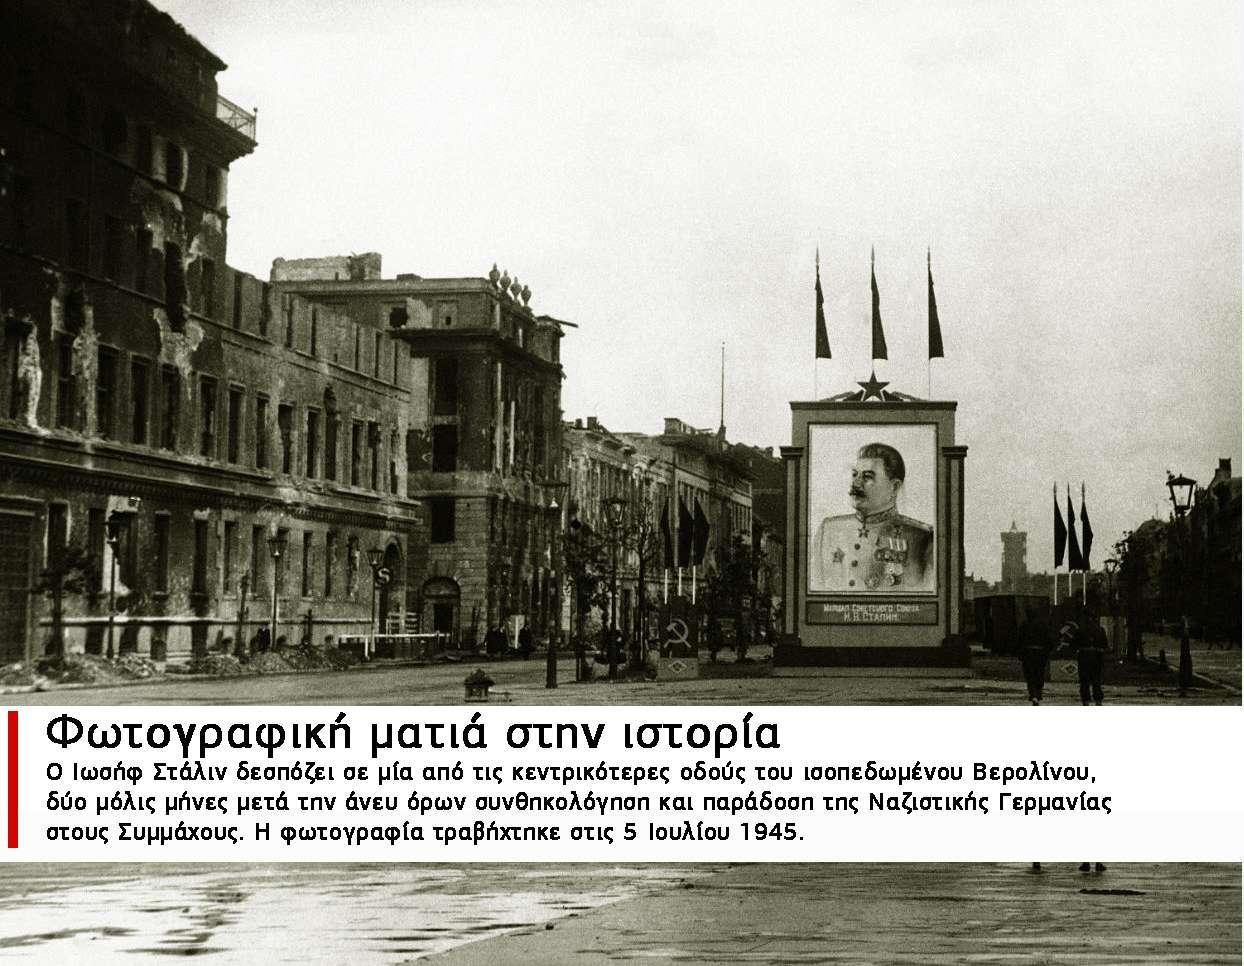 Φωτογραφική ματιά στην ιστορία – 5 Ιουλίου Ιωσήφ Στάλιν